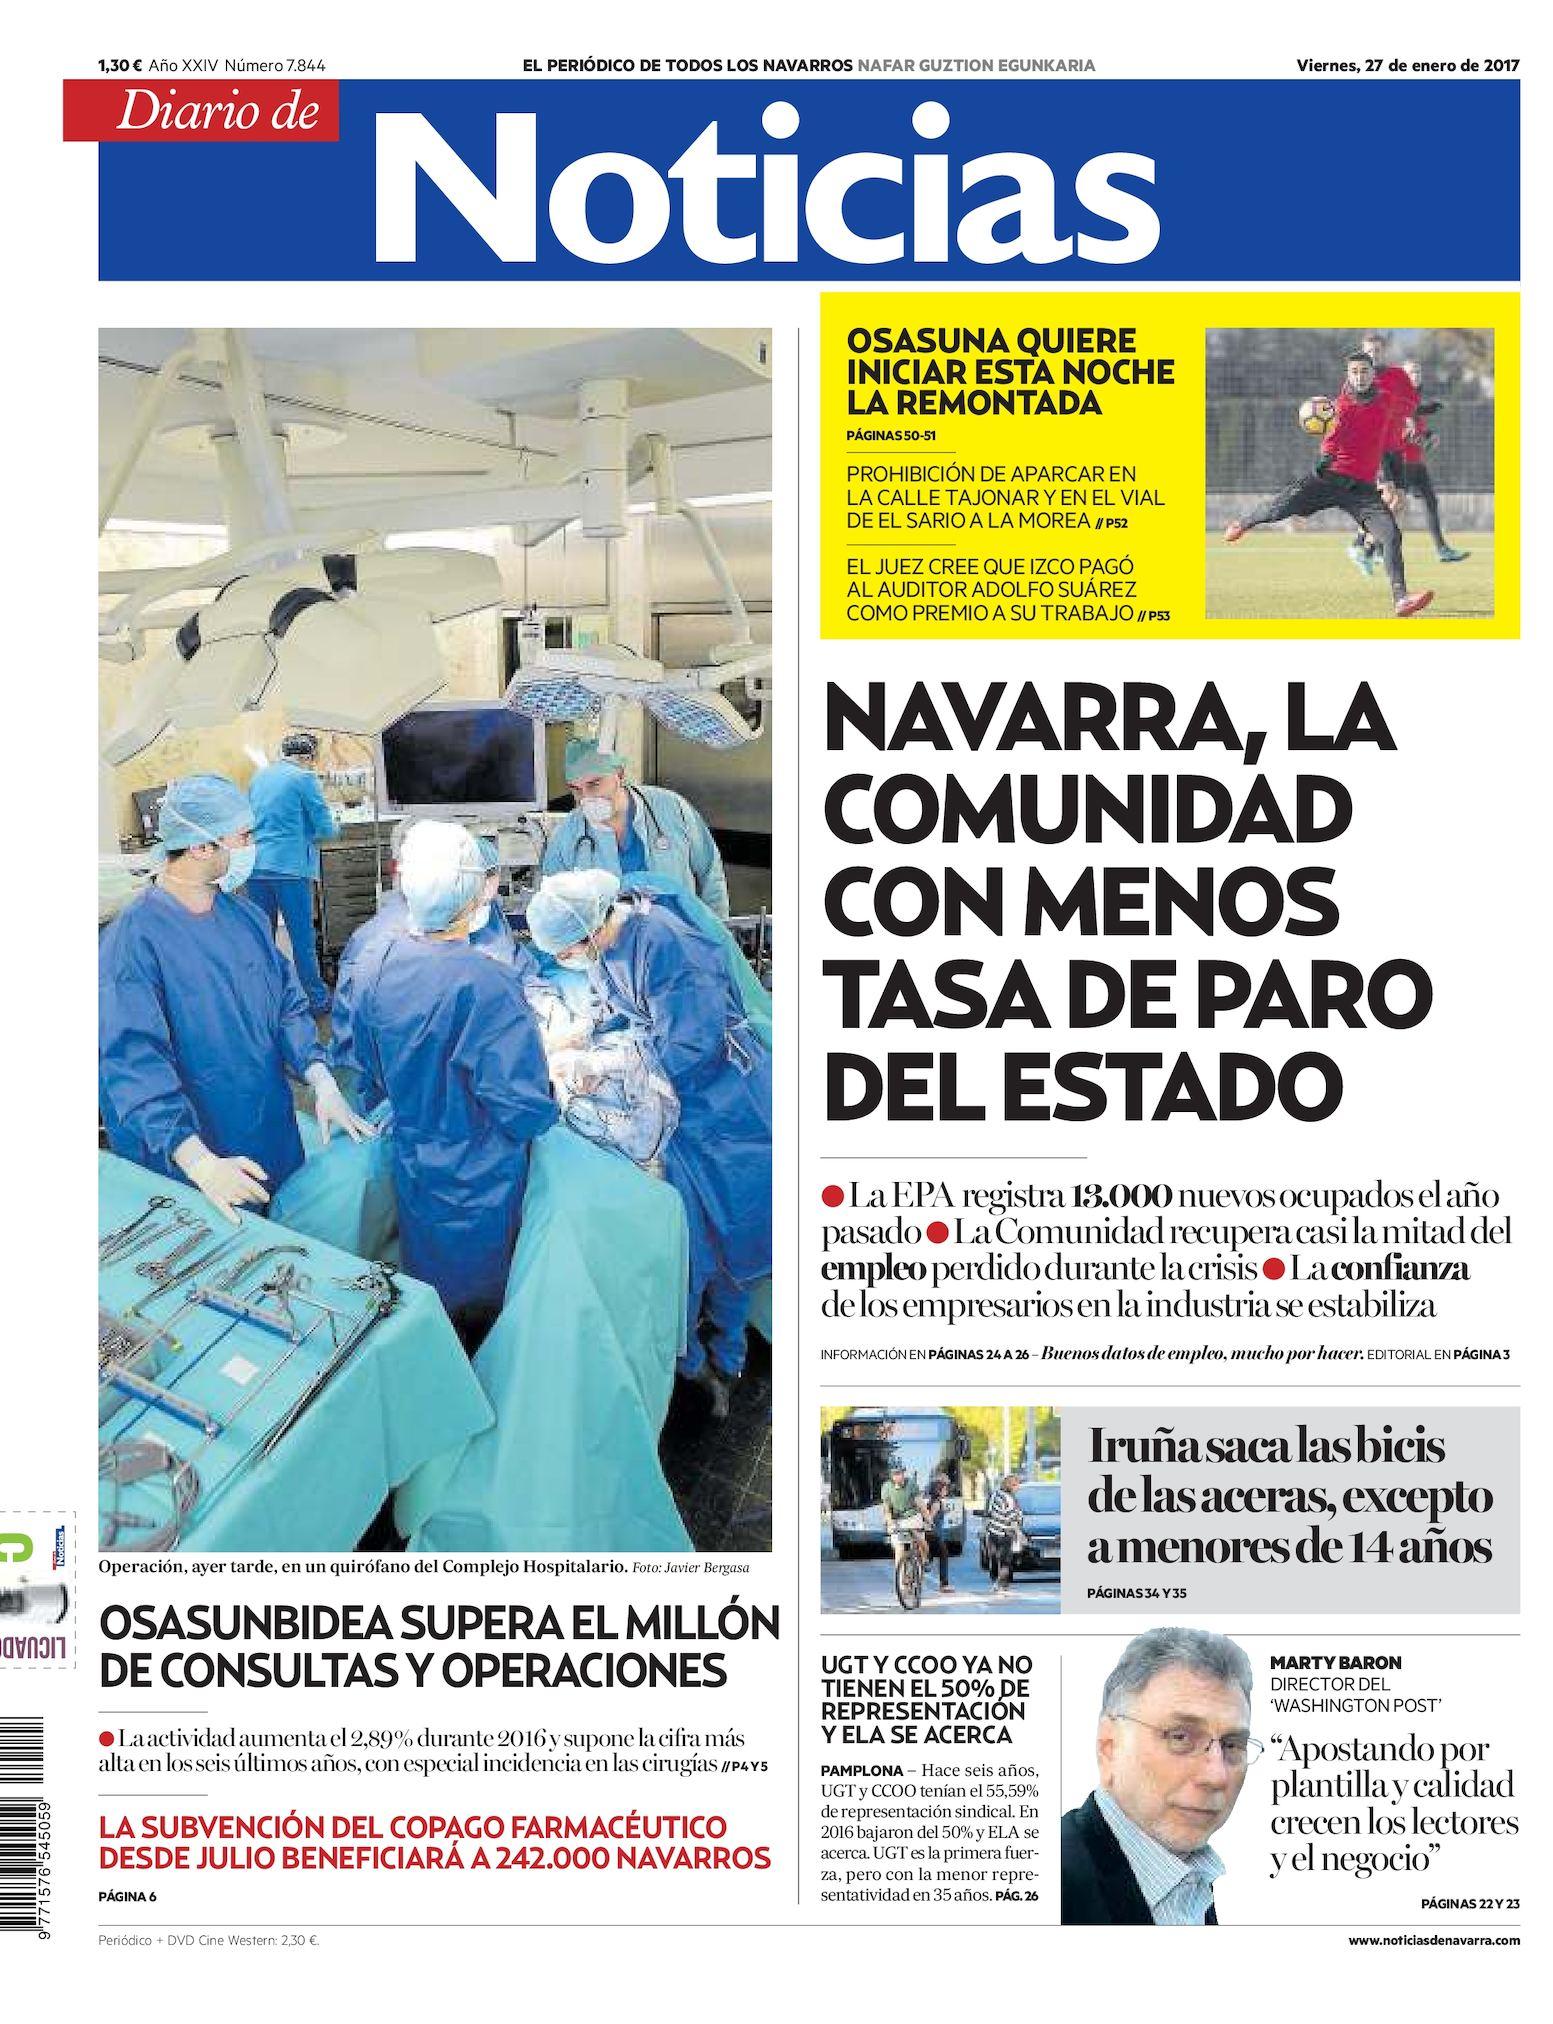 acae82ba2e Calaméo - Diario de Noticias 20170127